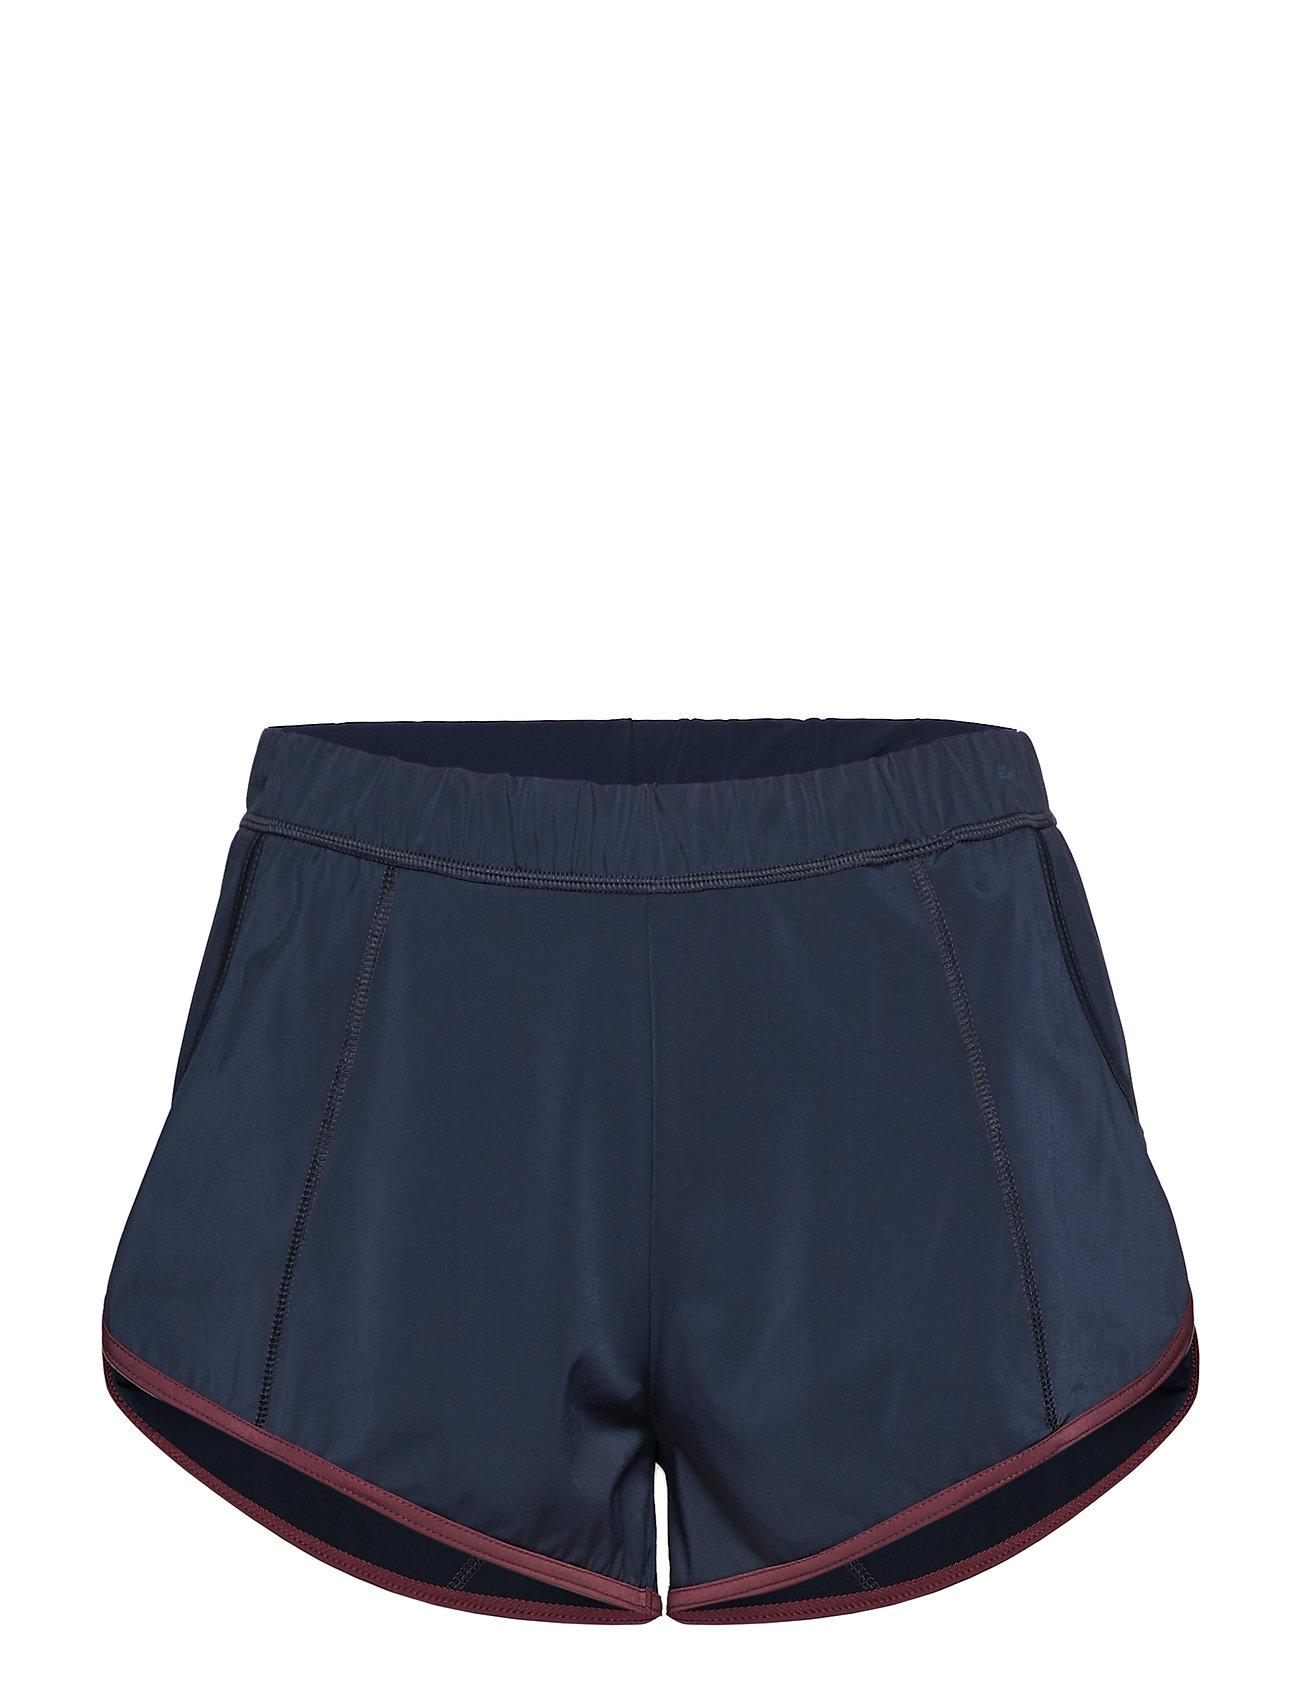 Filippa K Soft Sport Flex Shorts